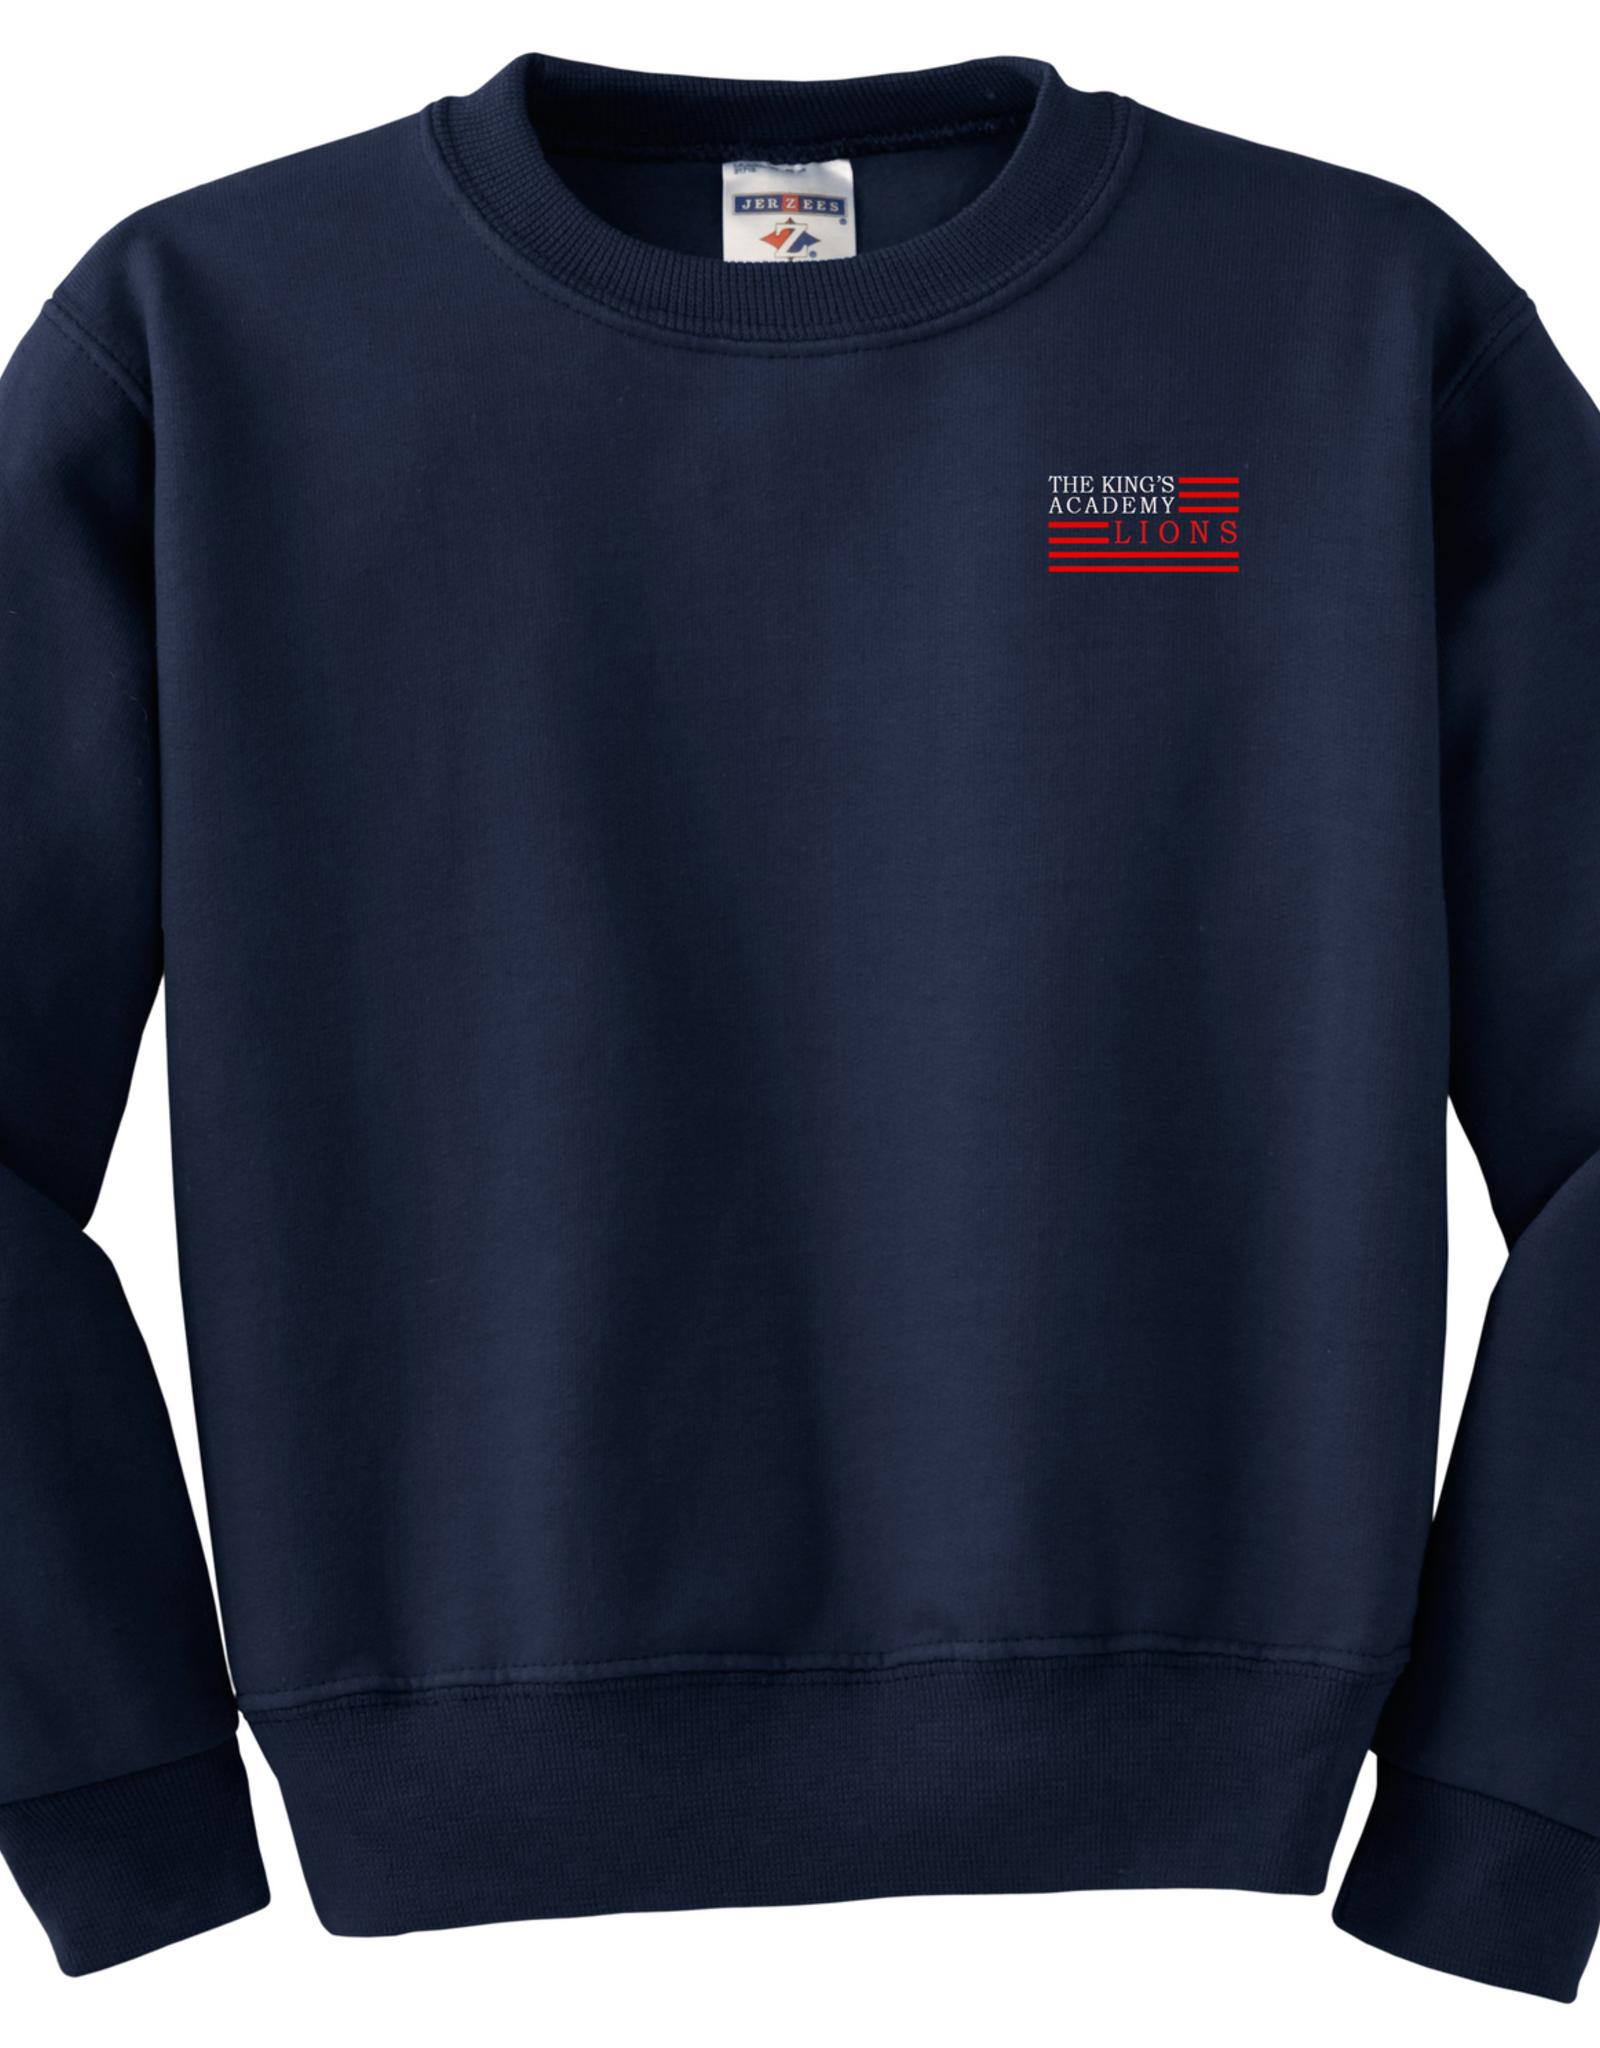 School Apparel Navy Crew Sweatshirt